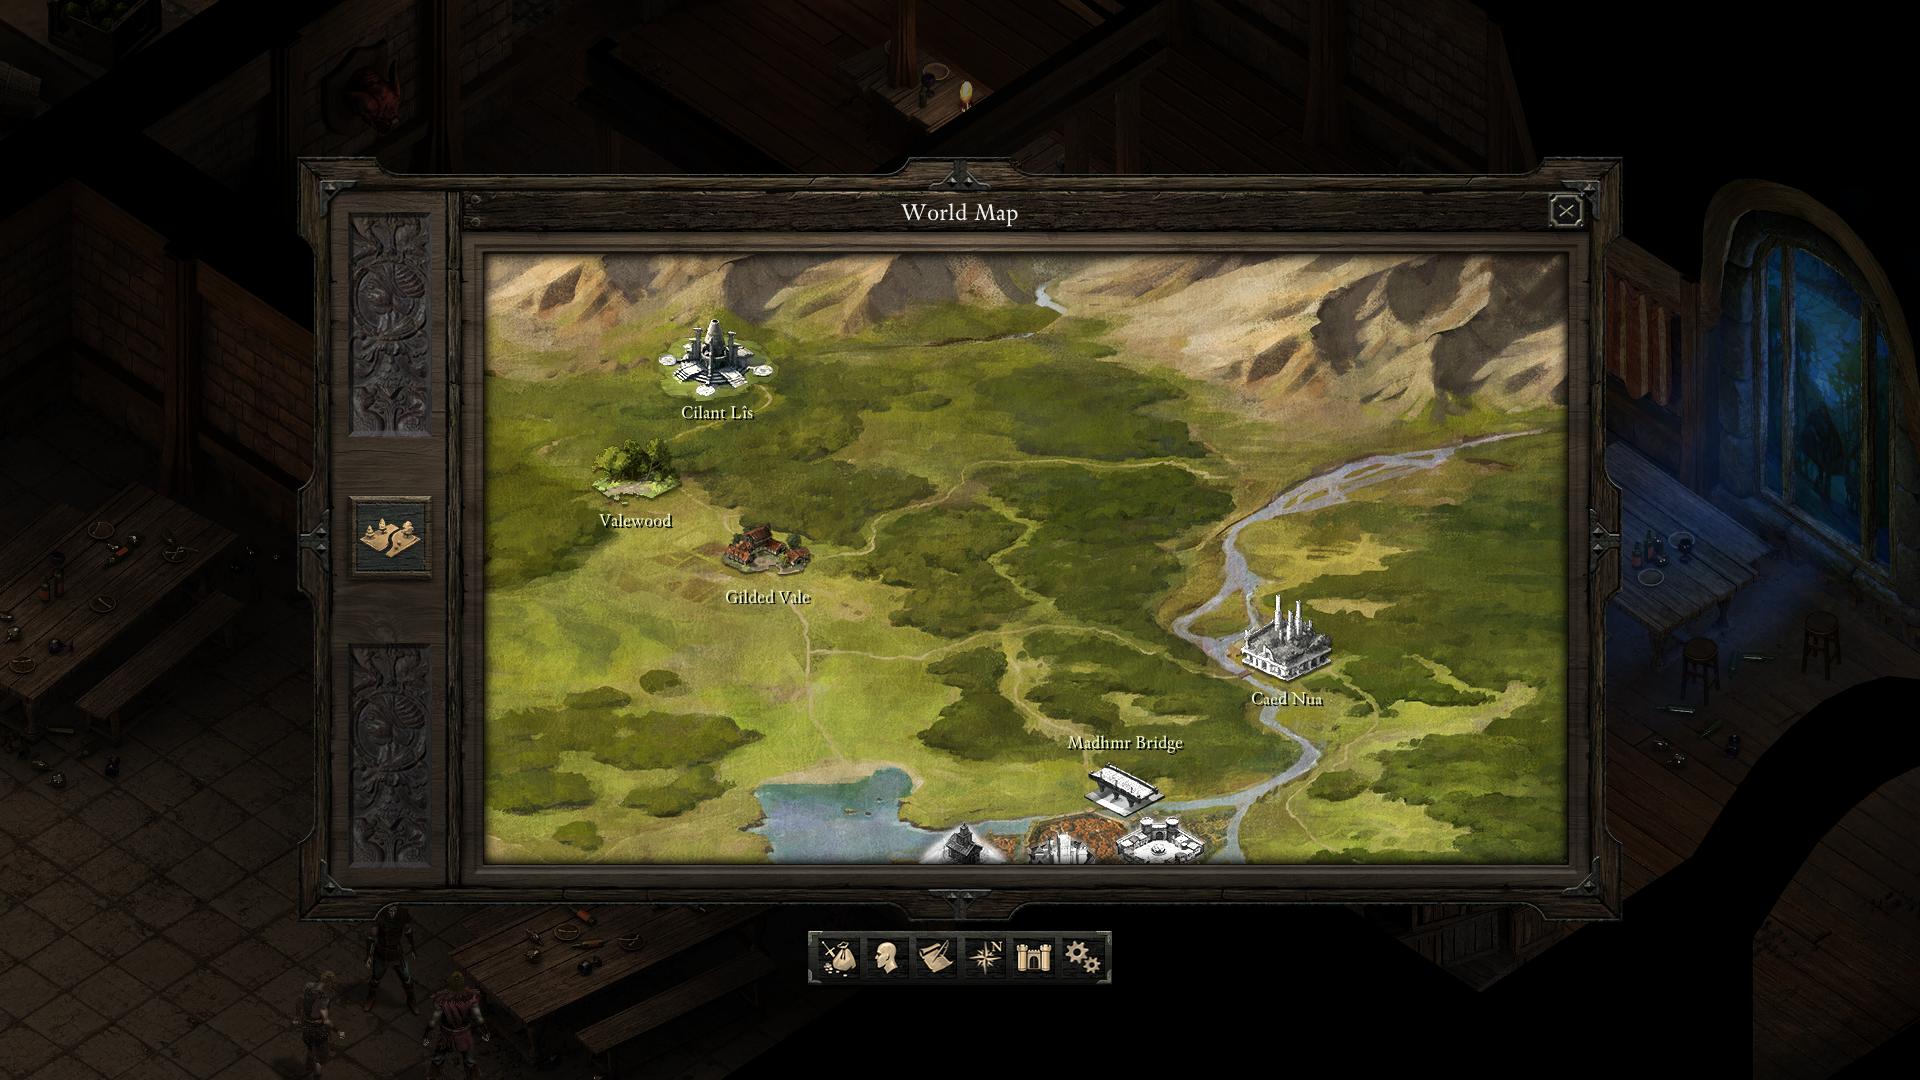 Pillars Of Eternity World Map Complete.Pillars Of Eternity Beginner S Guide Tips For Infinity Engine Rpg